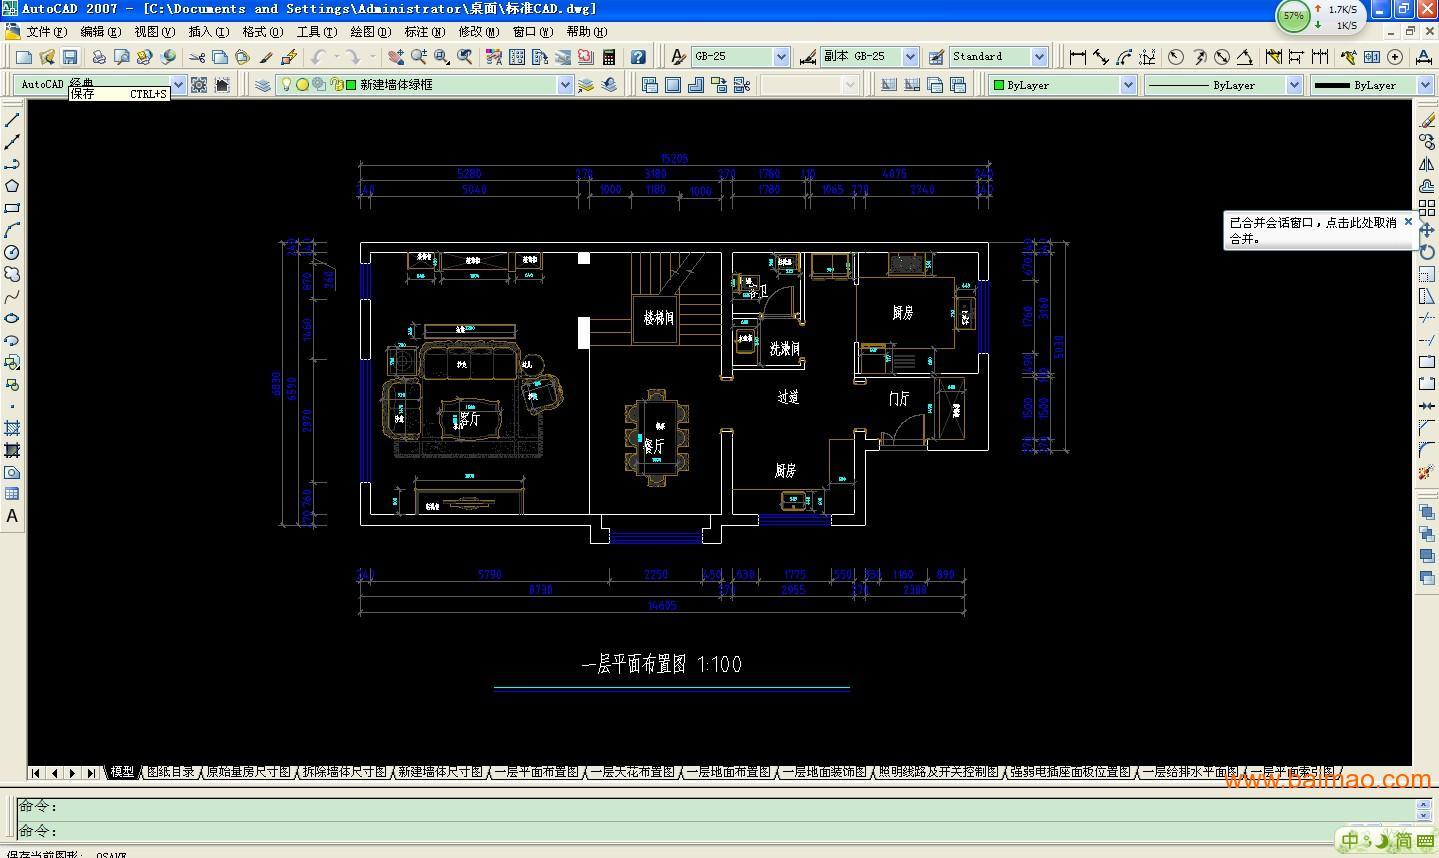 廊坊室内设计软件课/cad施工图简道云设计图片